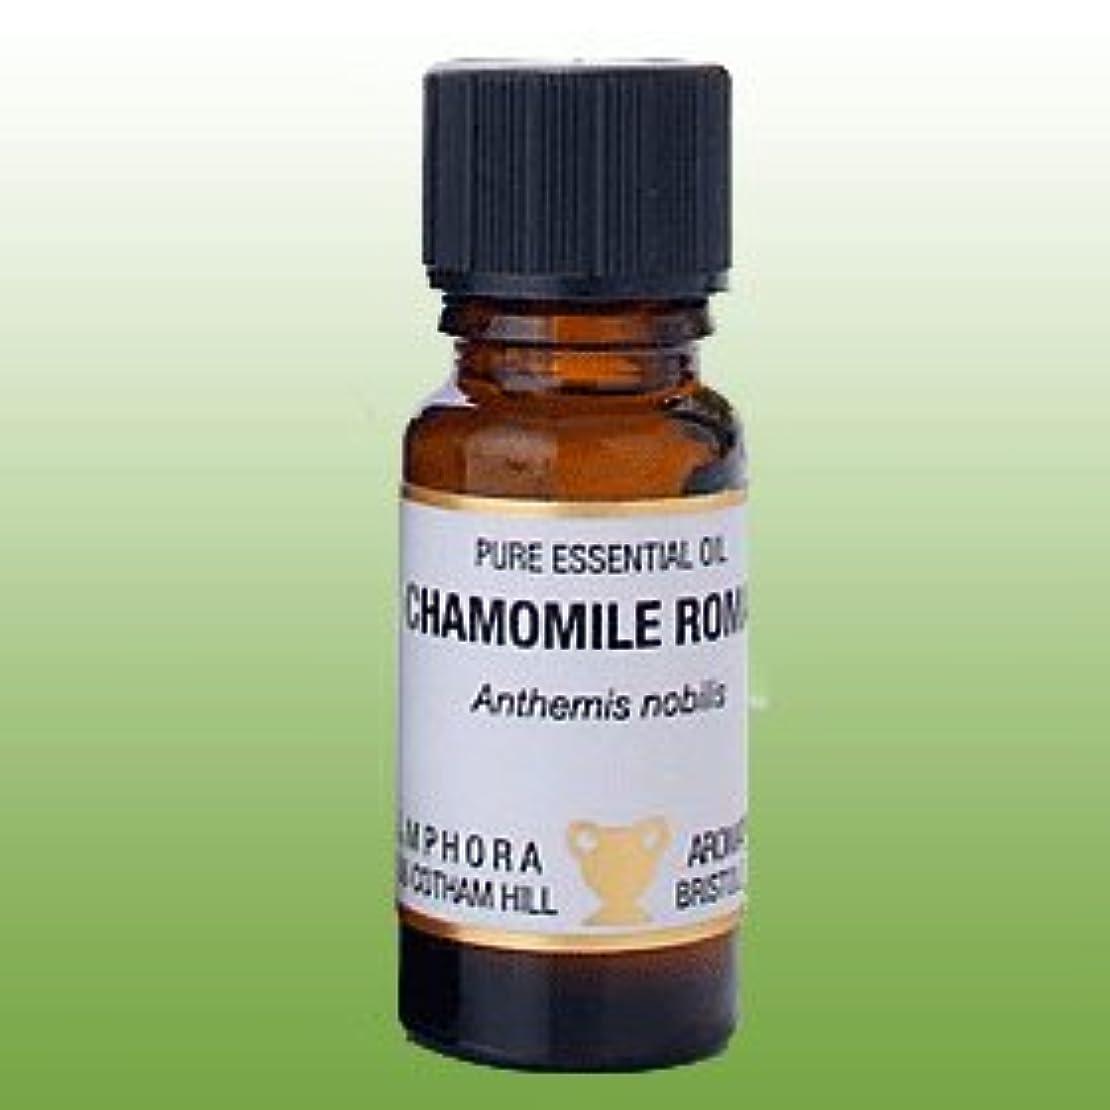 応用取り組むプランターカモミール ローマン 10ml エッセンシャルオイル